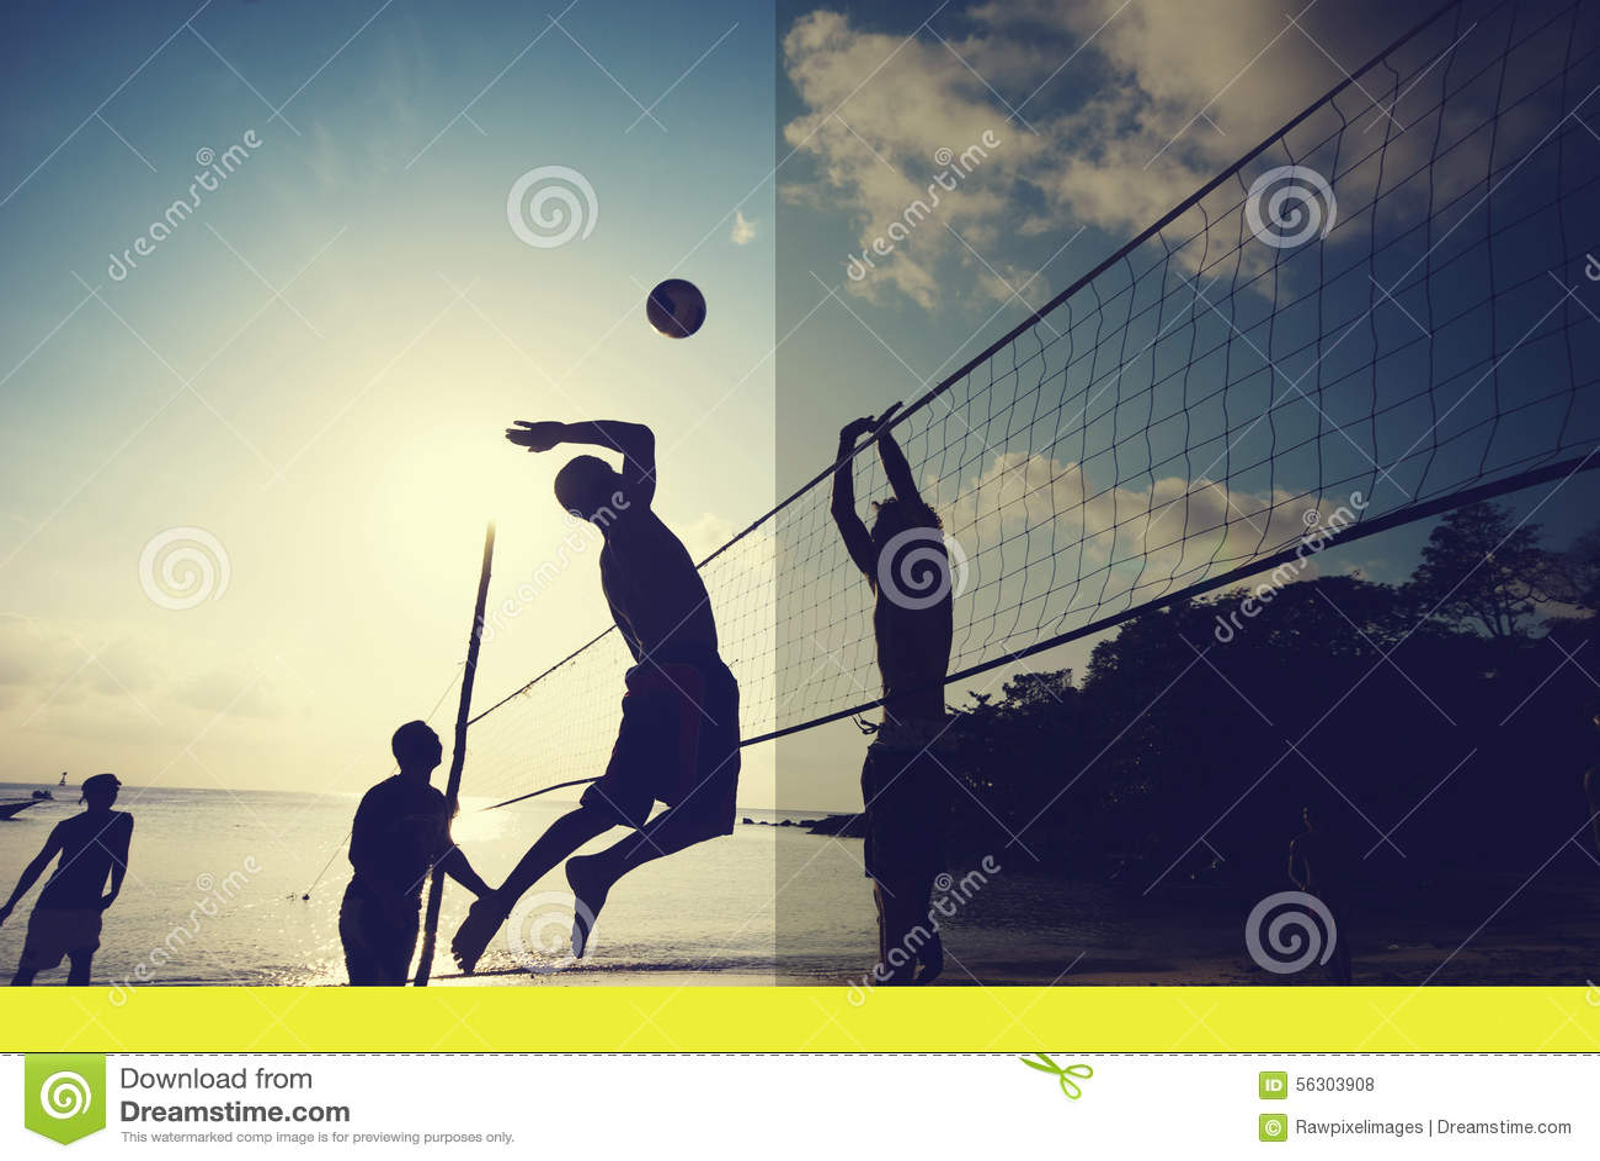 Voleibol De Playa En El Concepto Del Trabajo En Equipo De La ...